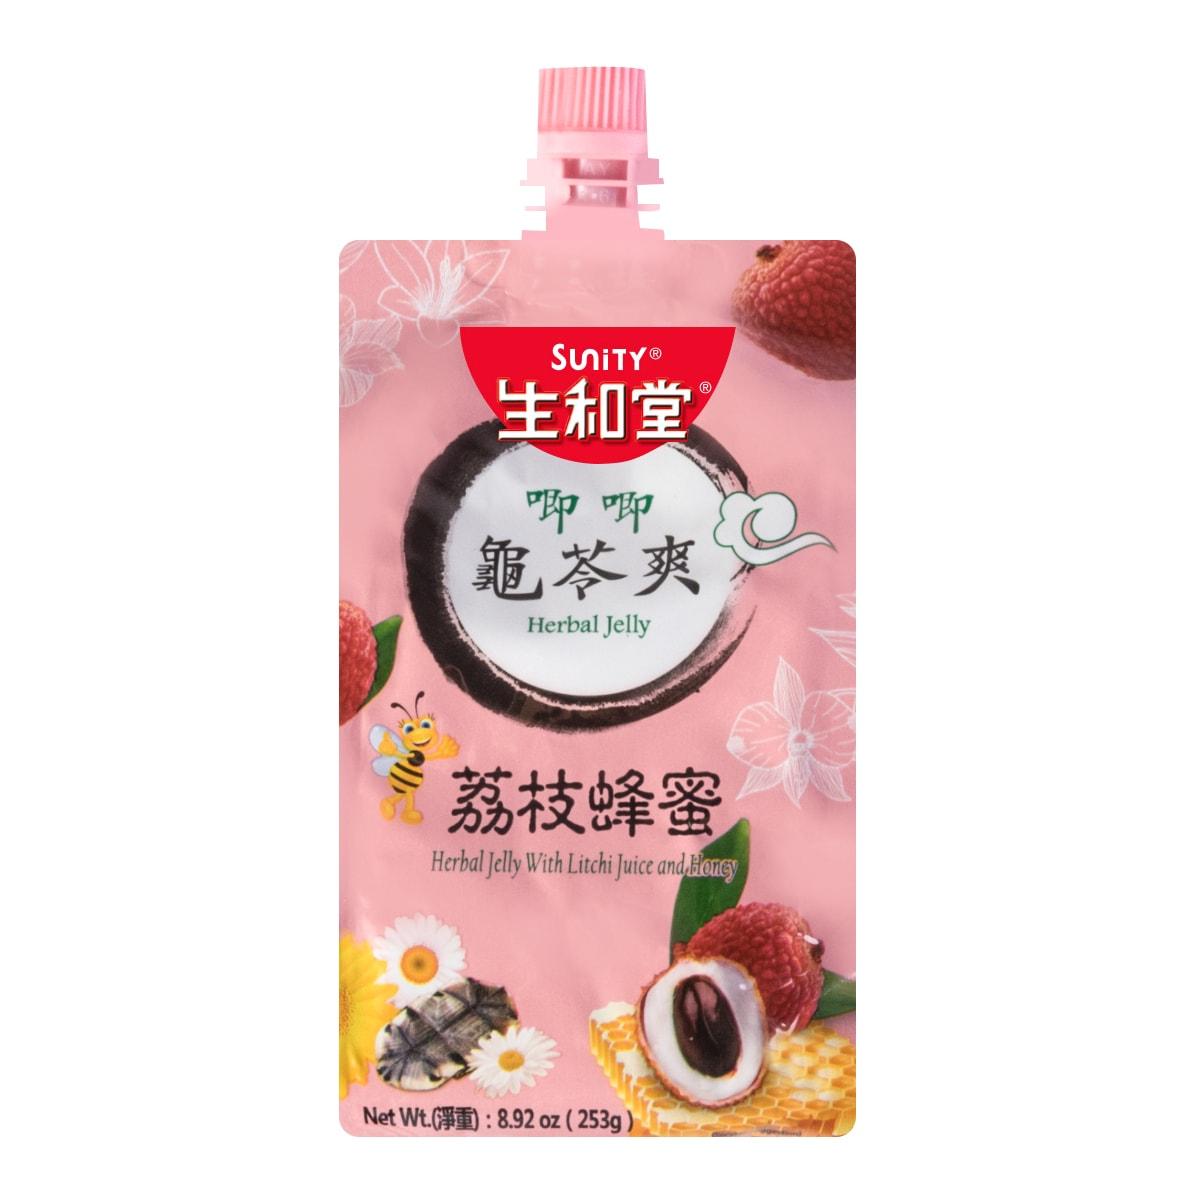 生和堂 唧唧 龟苓爽  荔枝蜂蜜味 253g 内含椰果粒